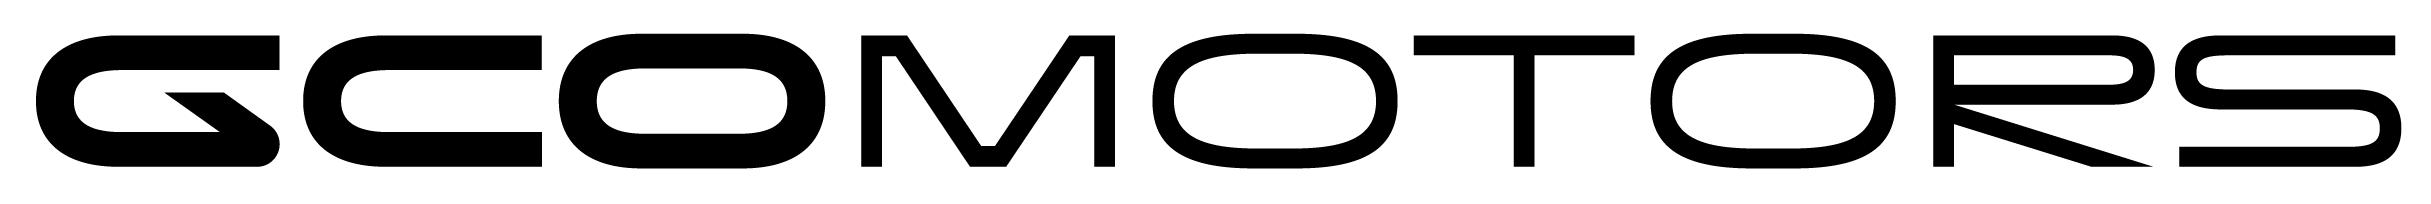 GCO Motors